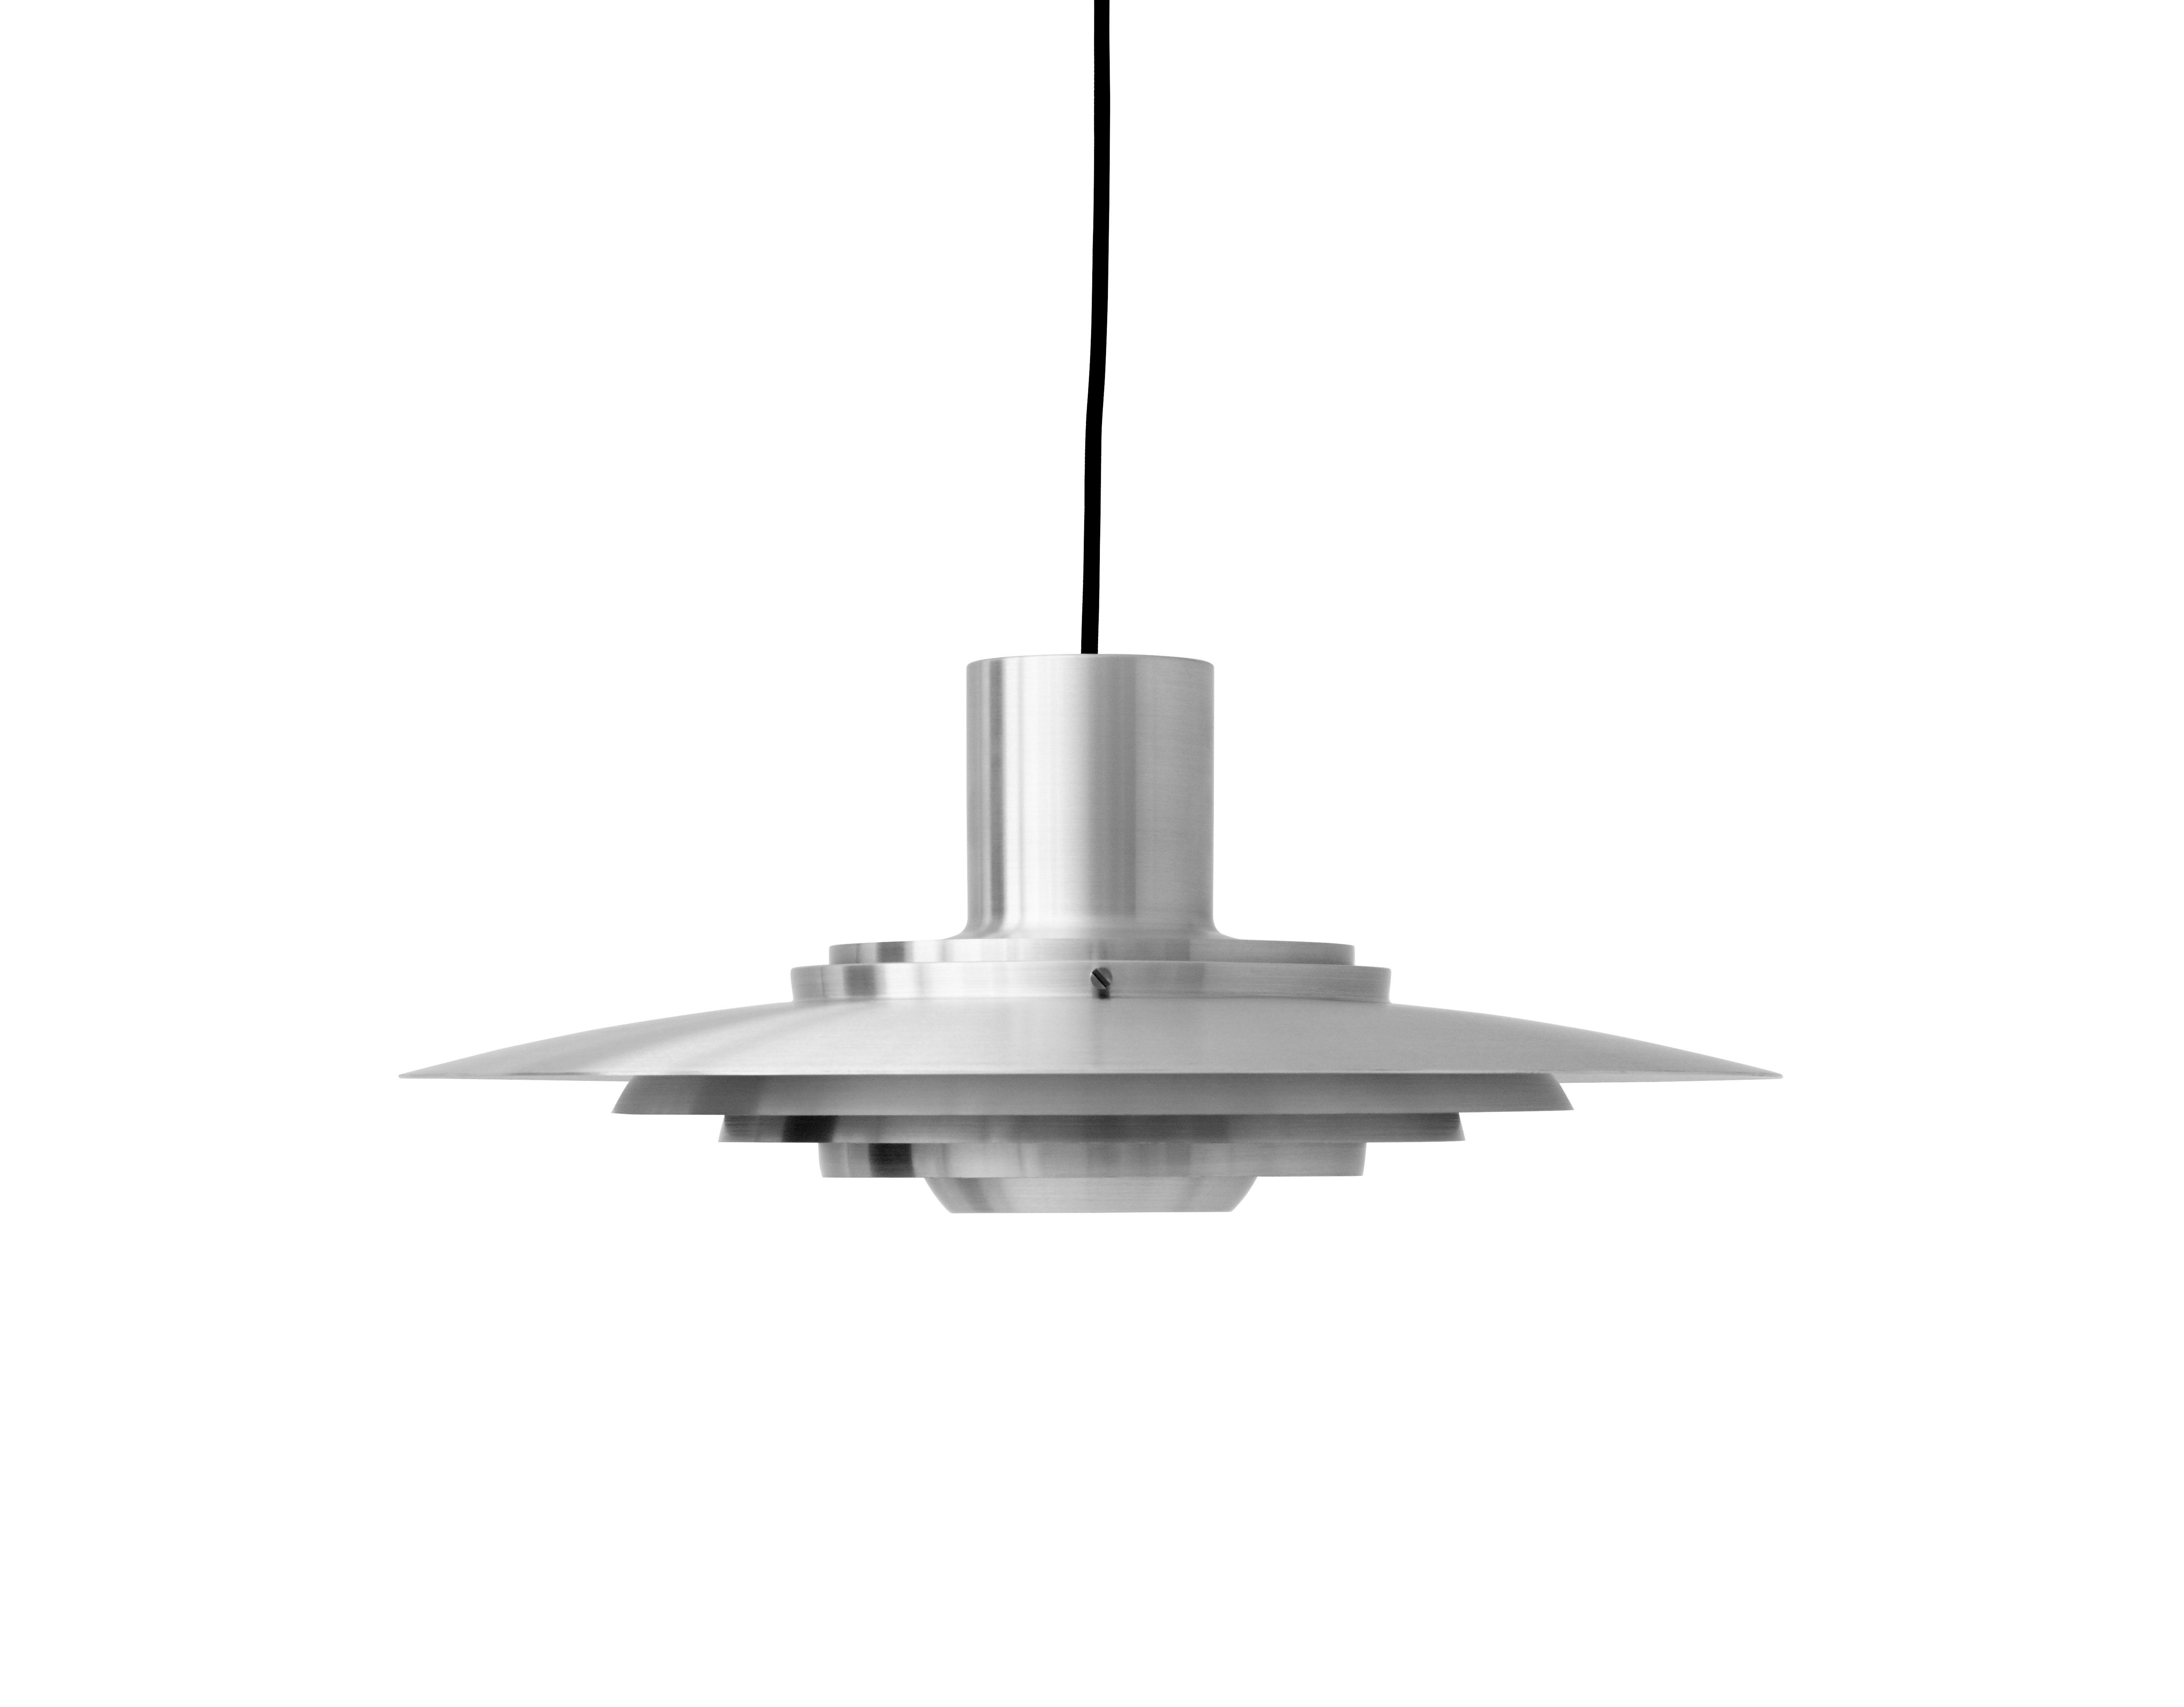 Luminaire - Suspensions - Suspension P376 KF1 / Ø 47,5 cm - Réédition 1963 - &tradition - Aluminium - Aluminium